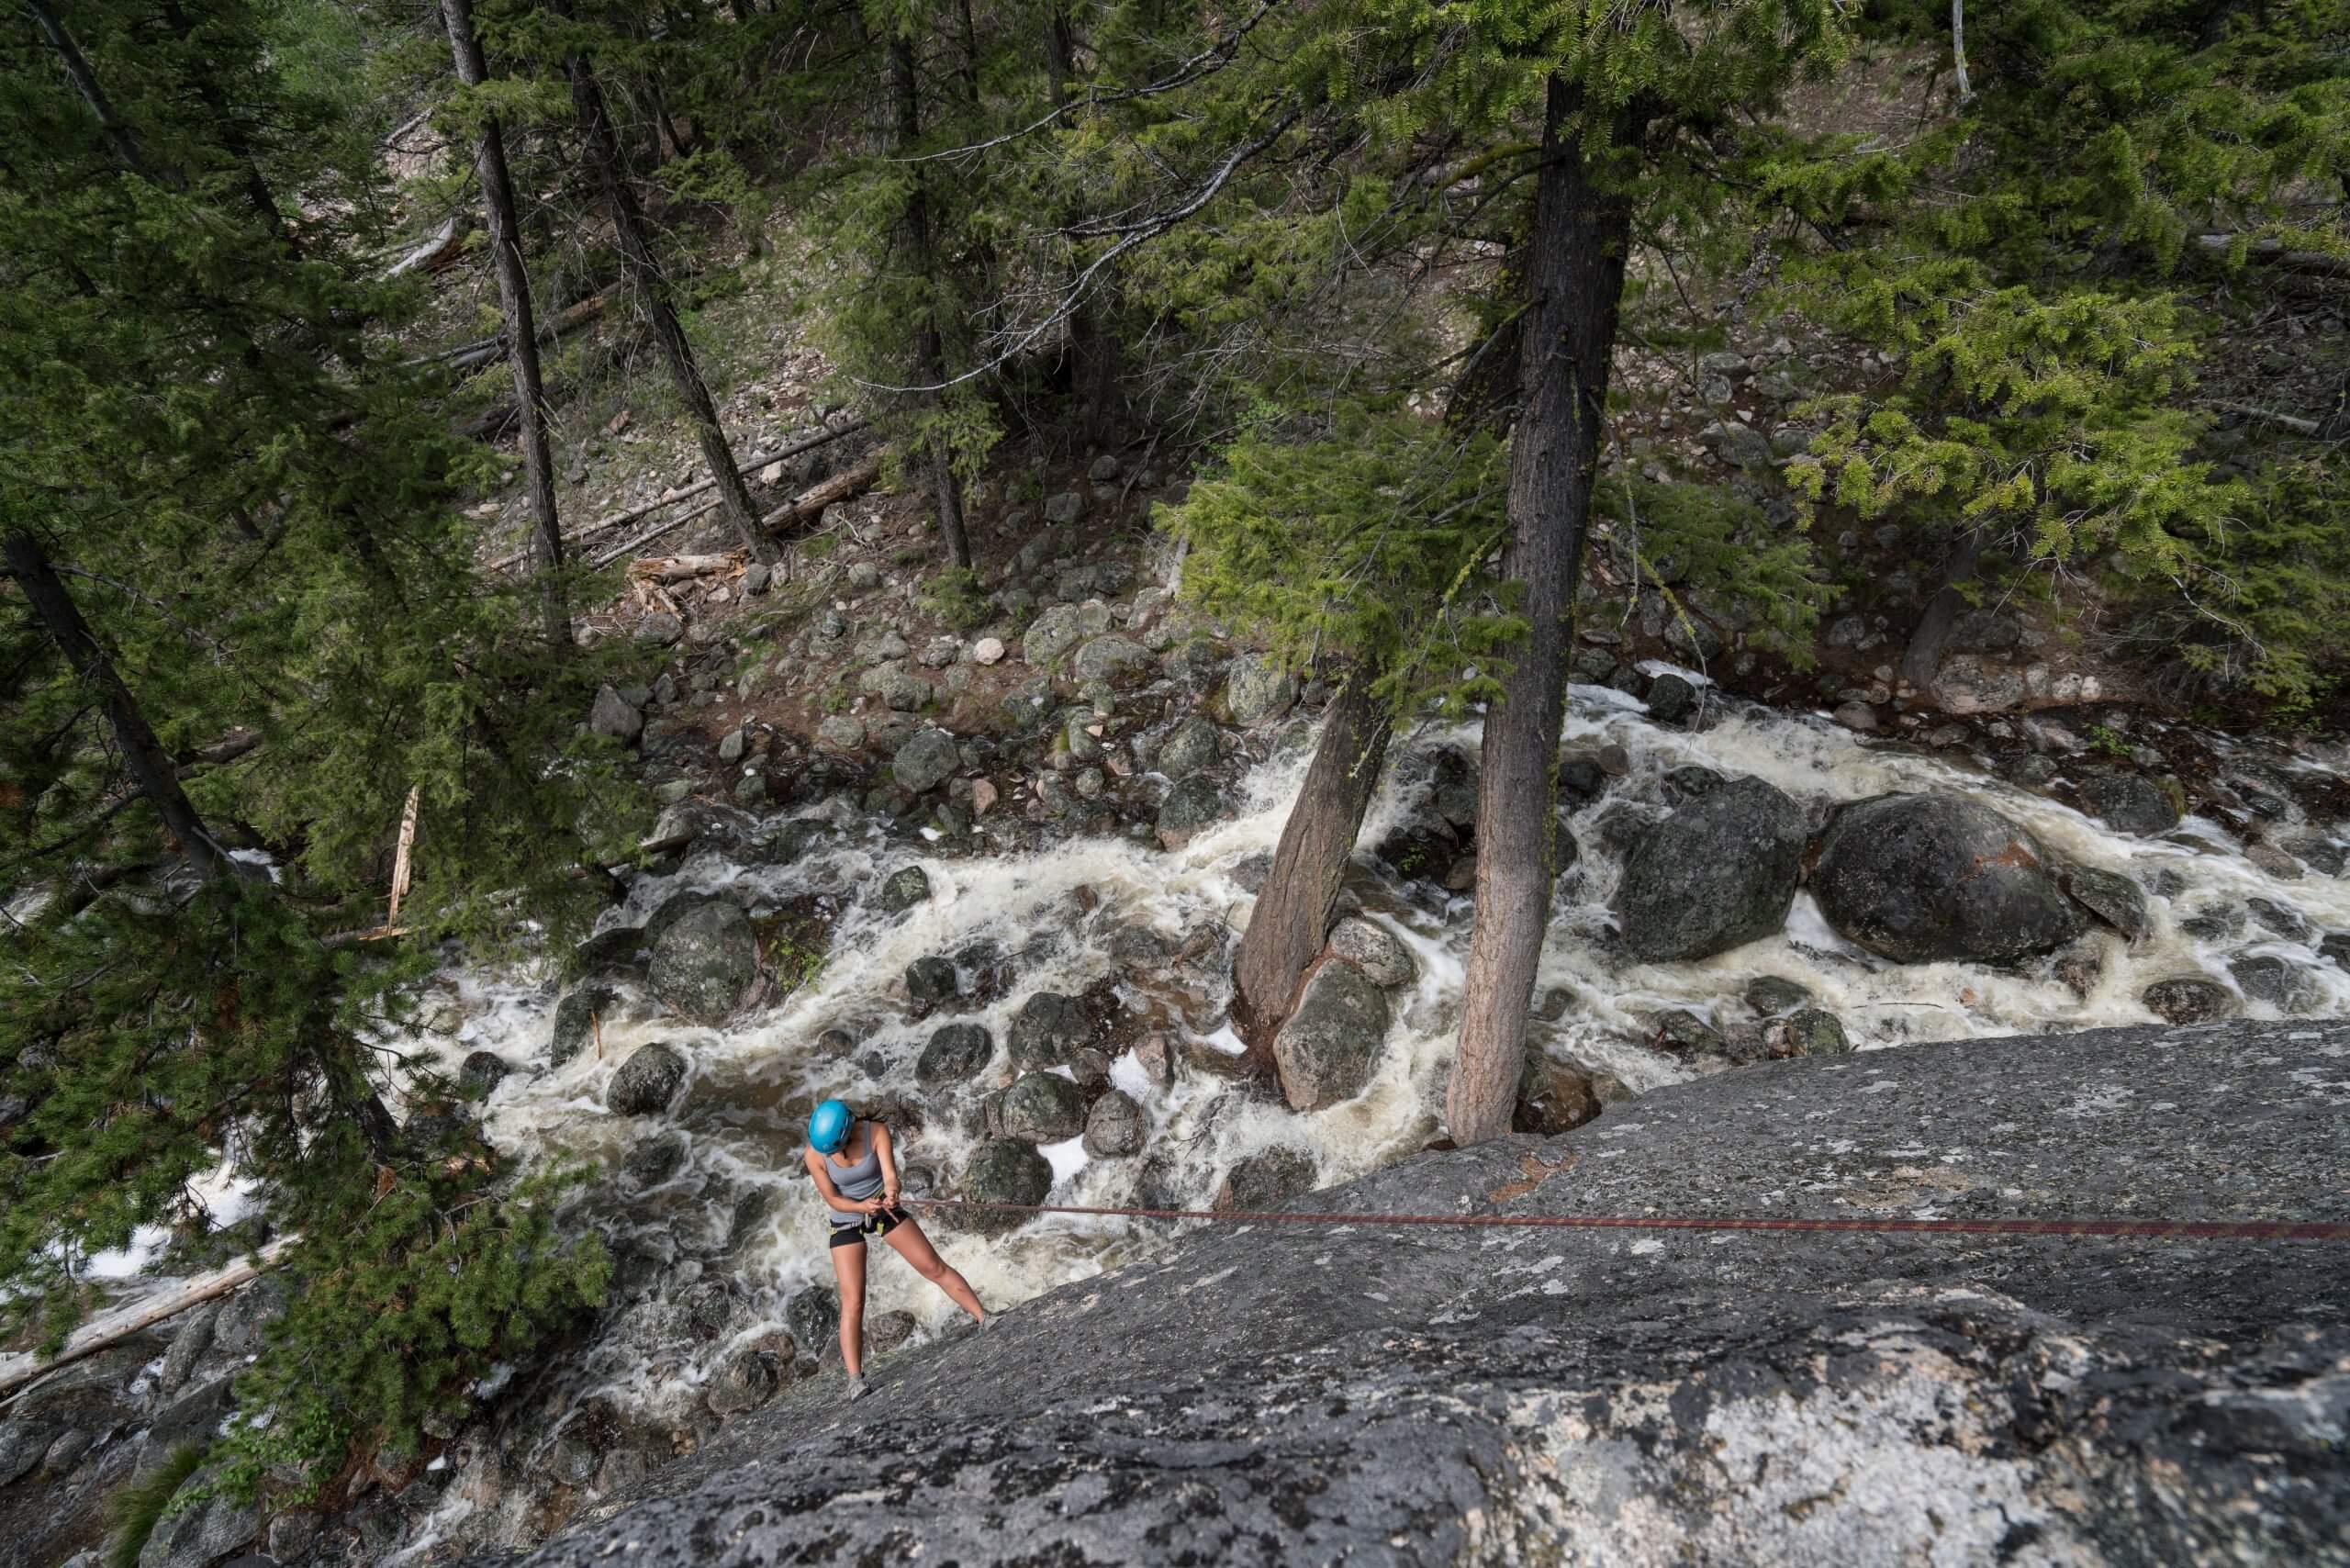 rock climber above a mountain stream